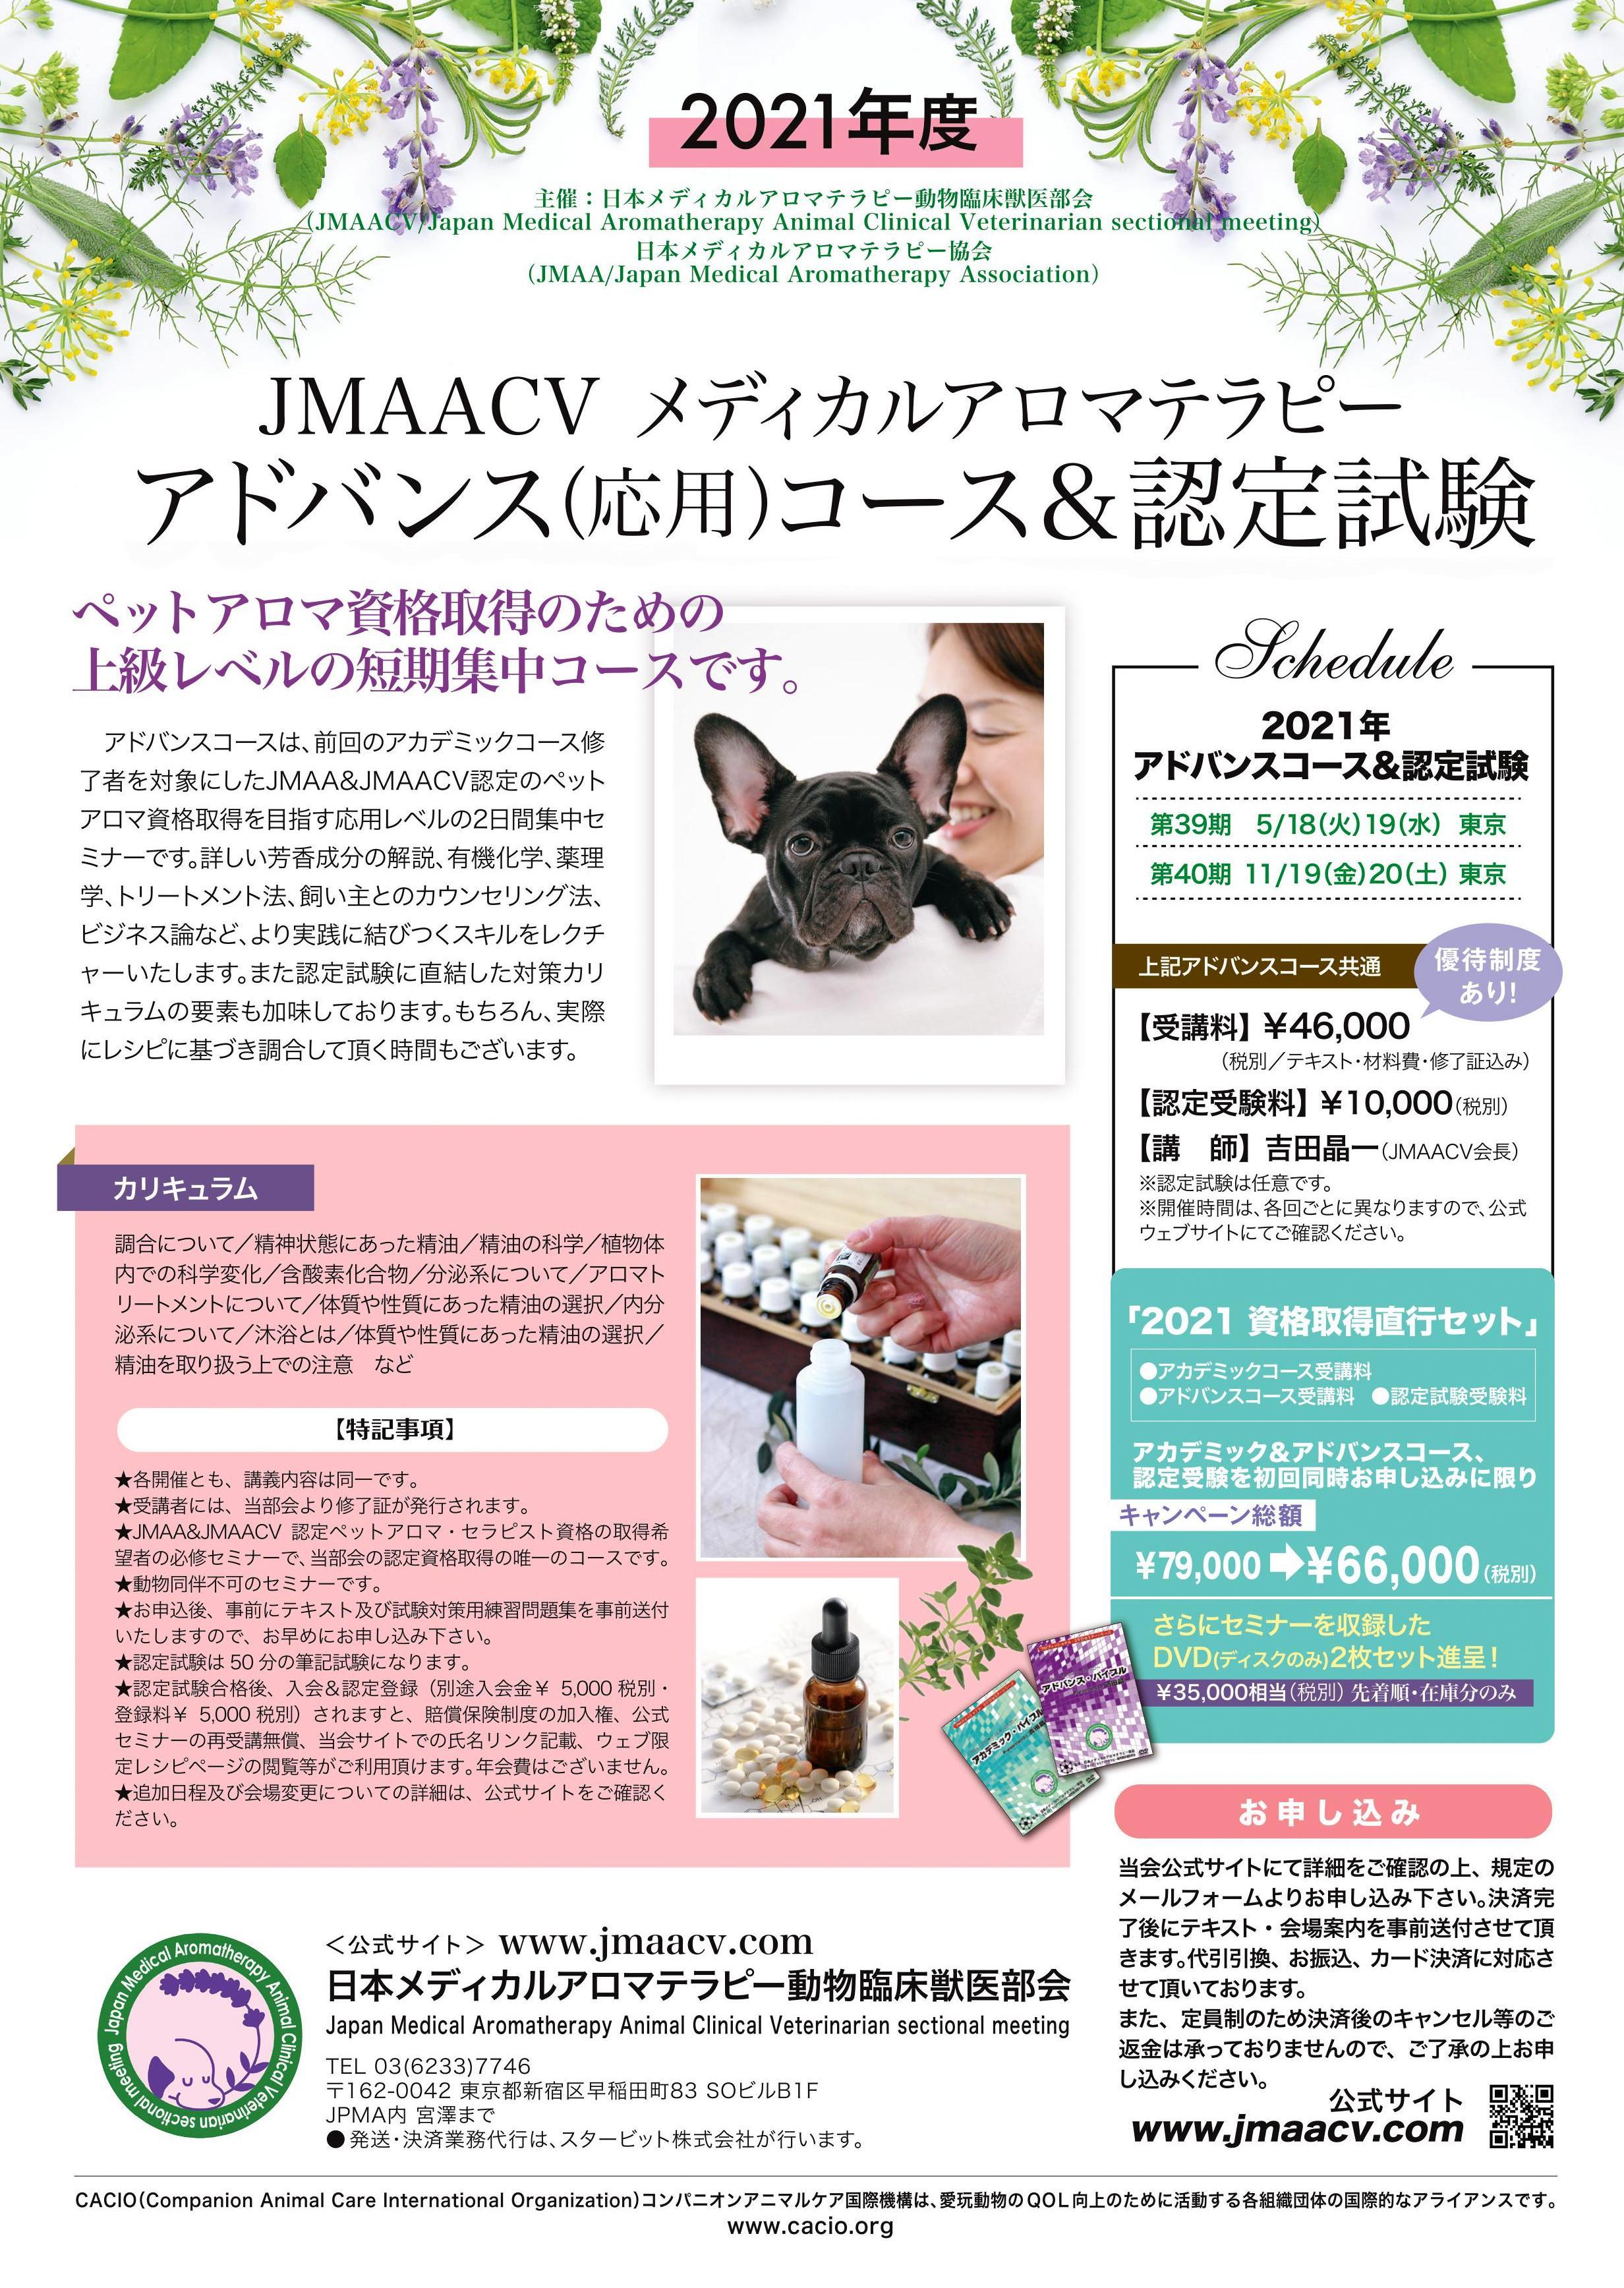 日本メディカルアロマテラピー動物臨床獣医部会